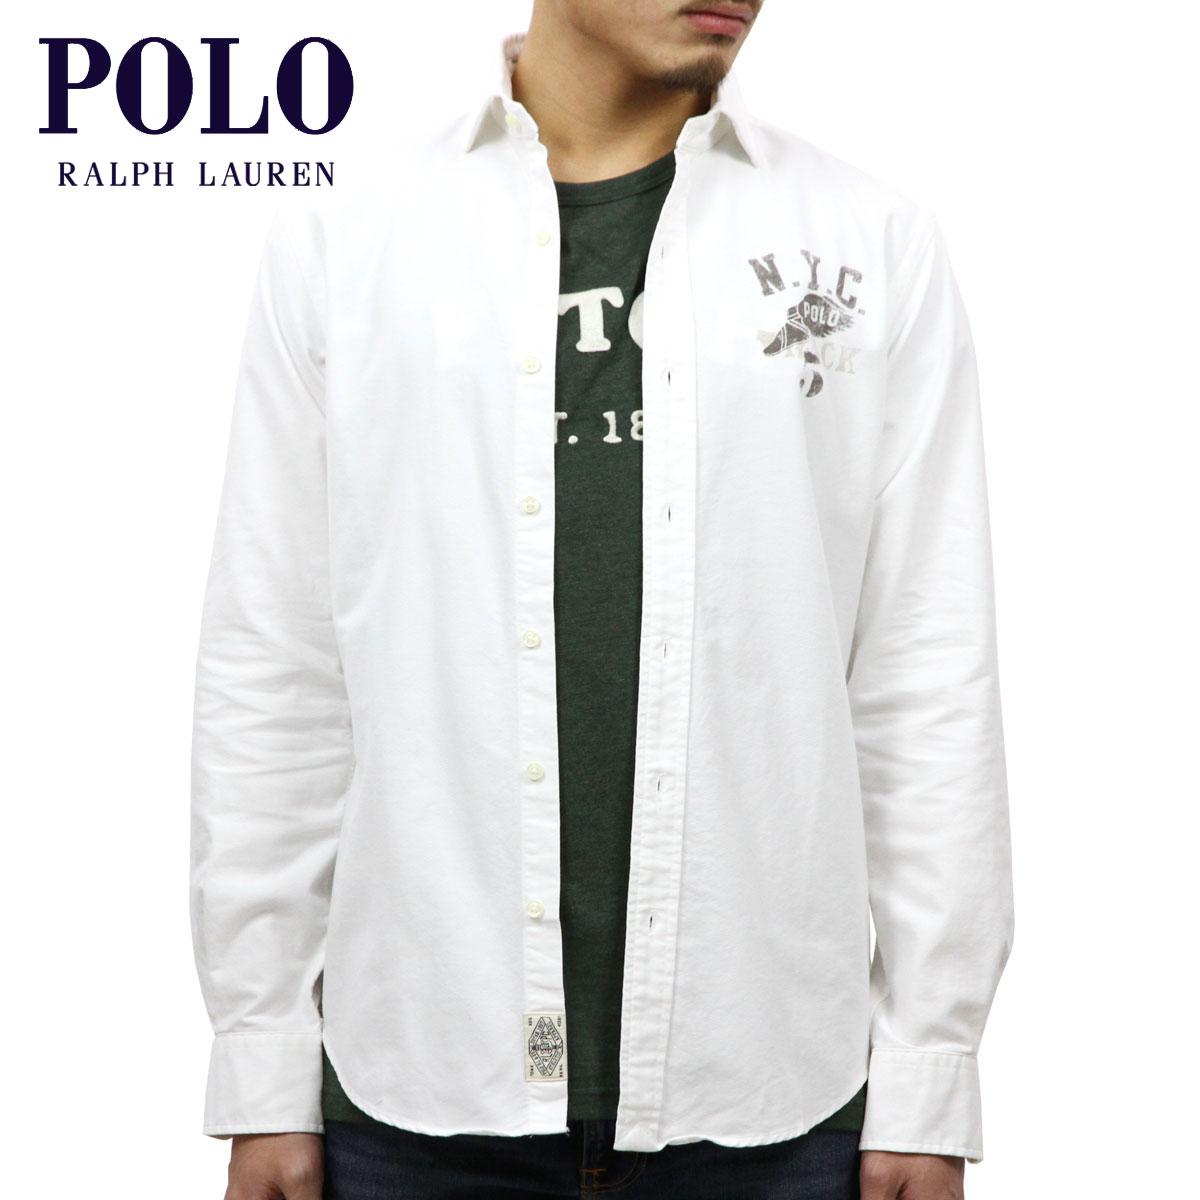 ポロ ラルフローレン POLO RALPH LAUREN 正規品 メンズ 長袖ワークシャツ COTTON OXFORD NYC GRAPHIC SHIRT